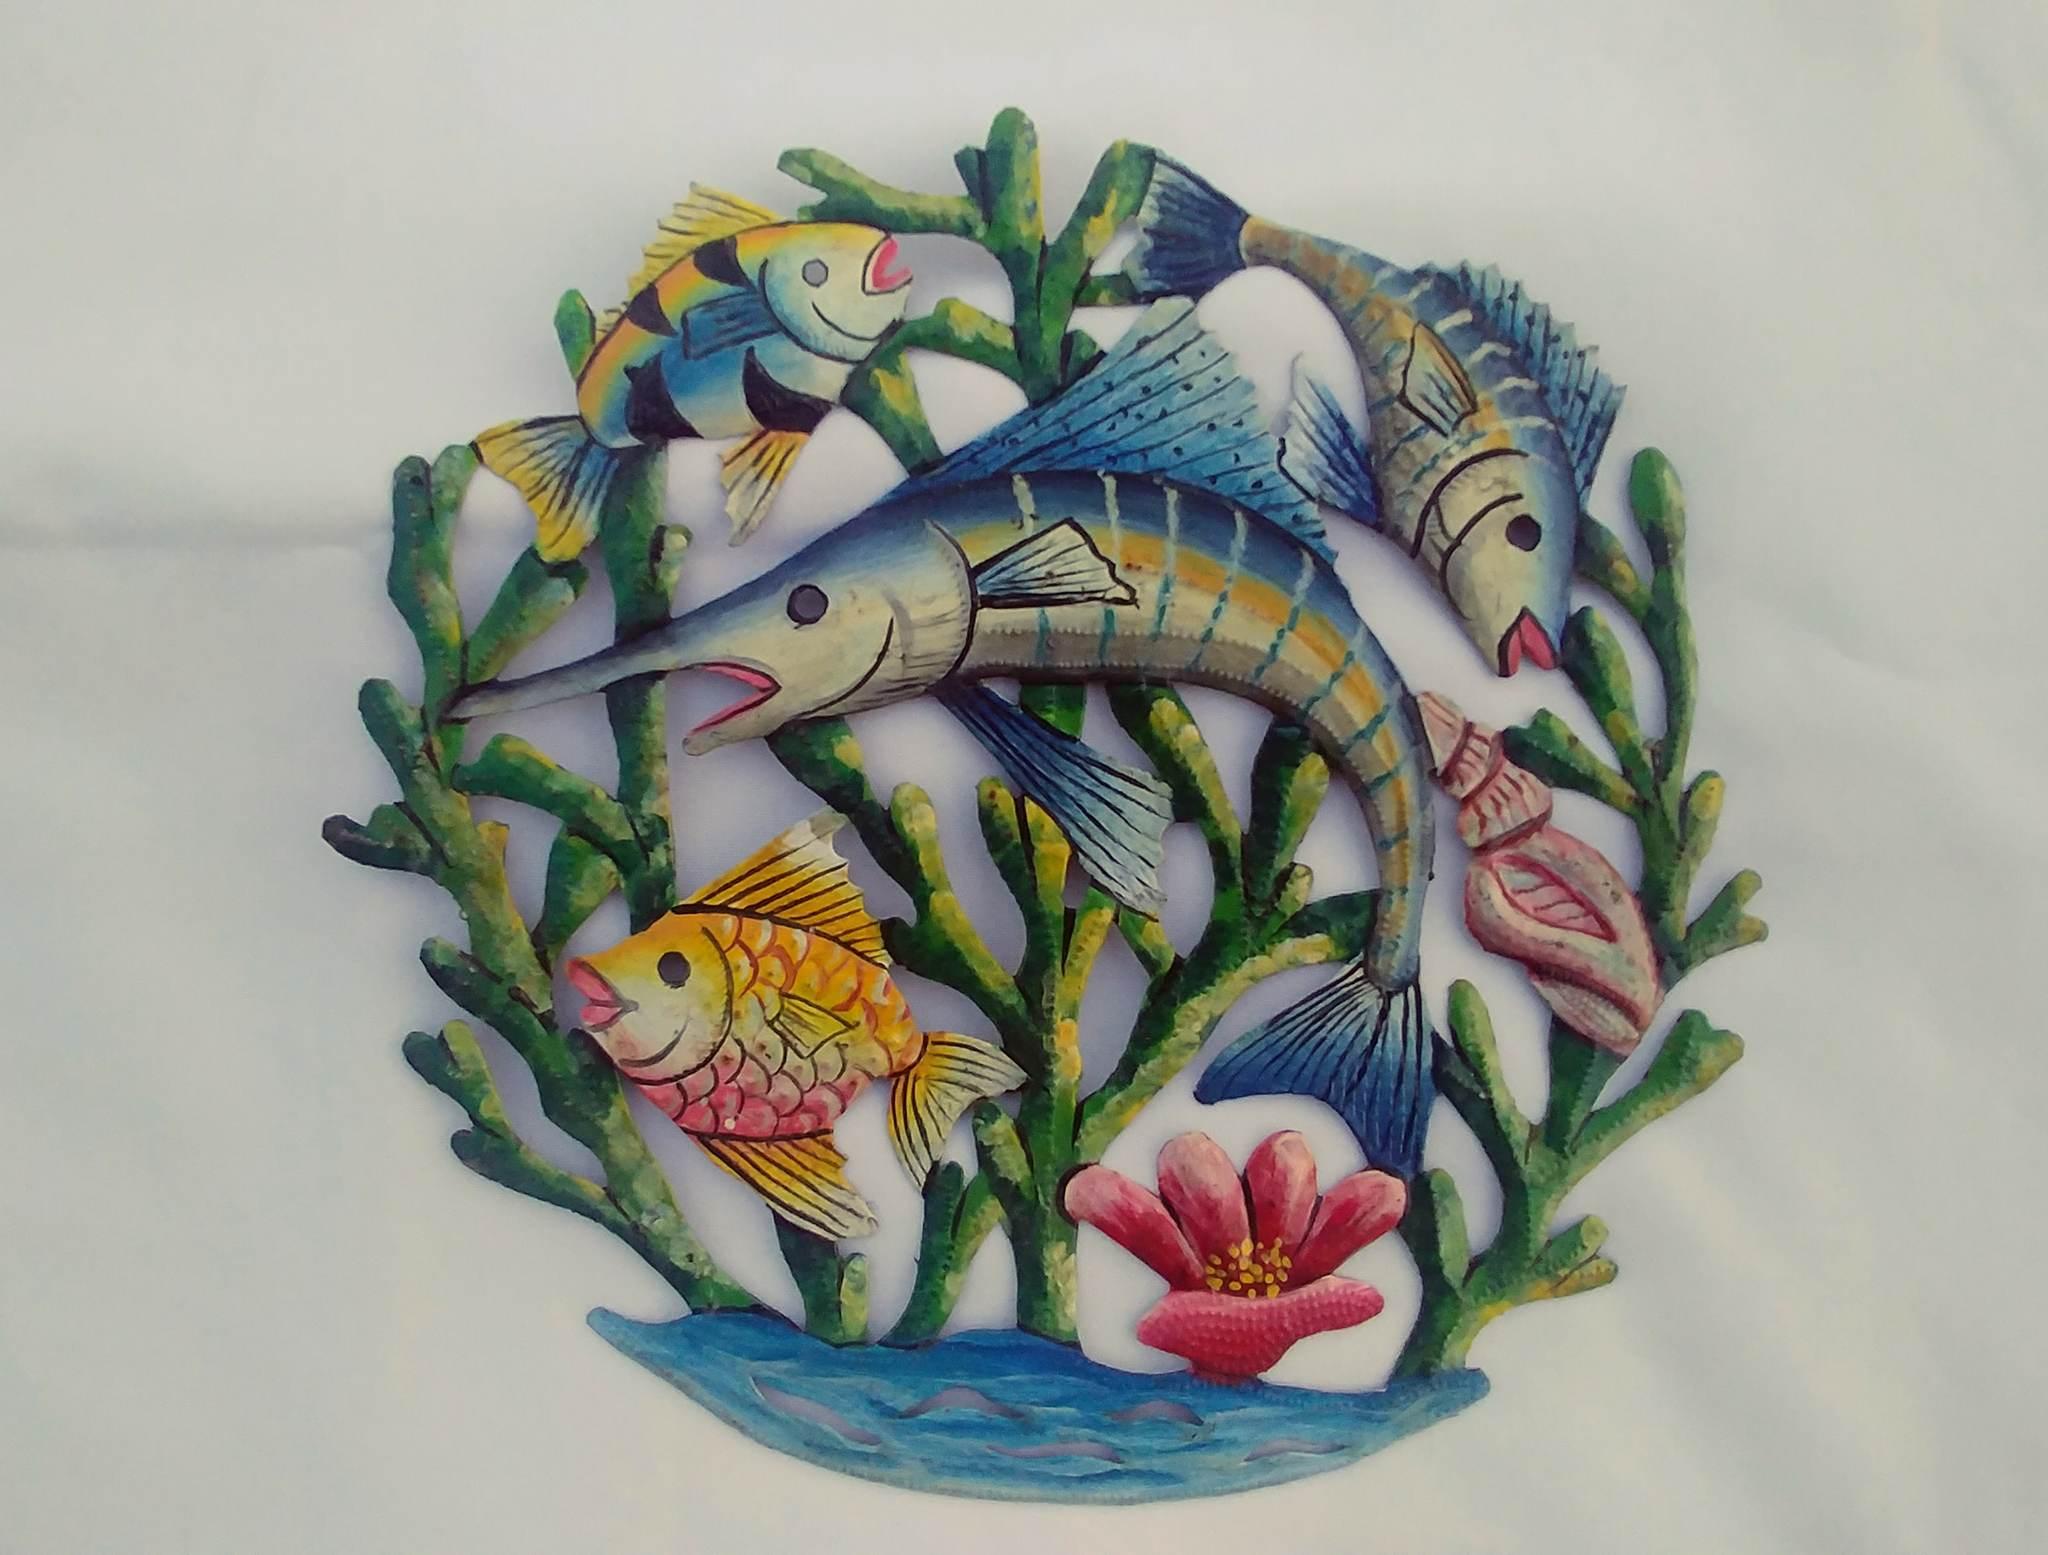 Marlin - $40 - qty 1